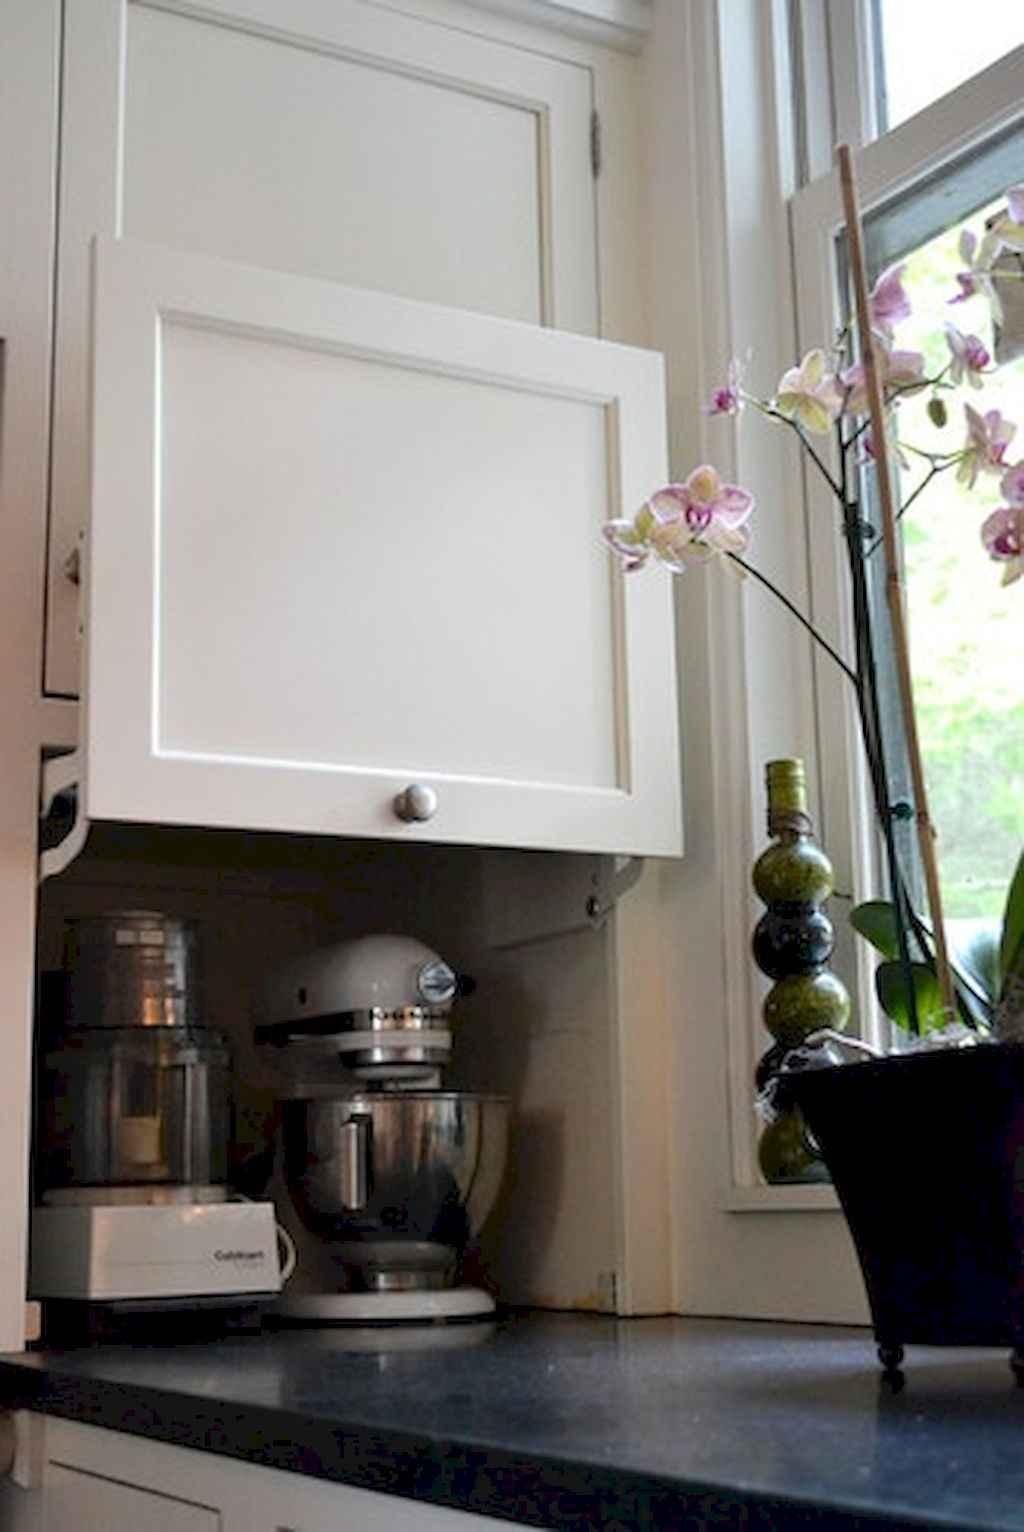 Ingenious hidden kitchen cabinet & storage solutions (11)